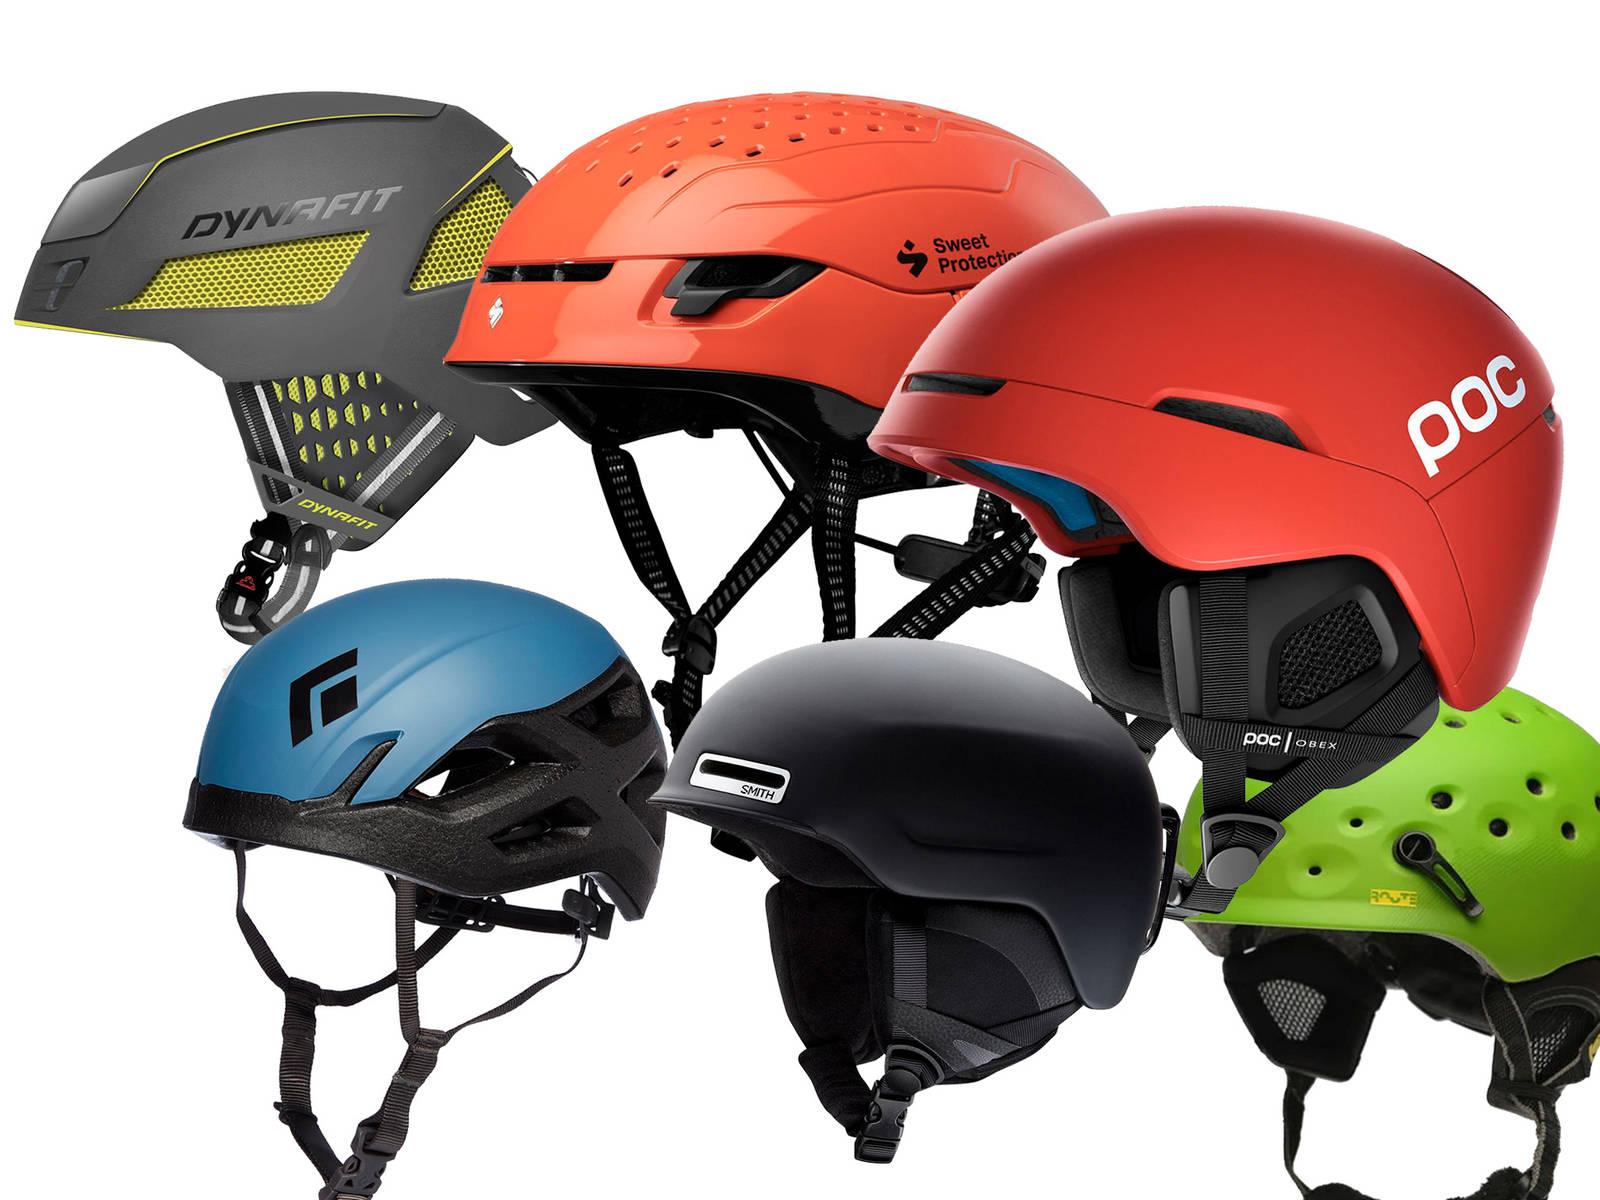 HVA PRIORITERER DU? Hva er viktigst for deg? Komfort, vekt eller sikkerhet? De beste hjelmene tar deg langt på alle punkter.